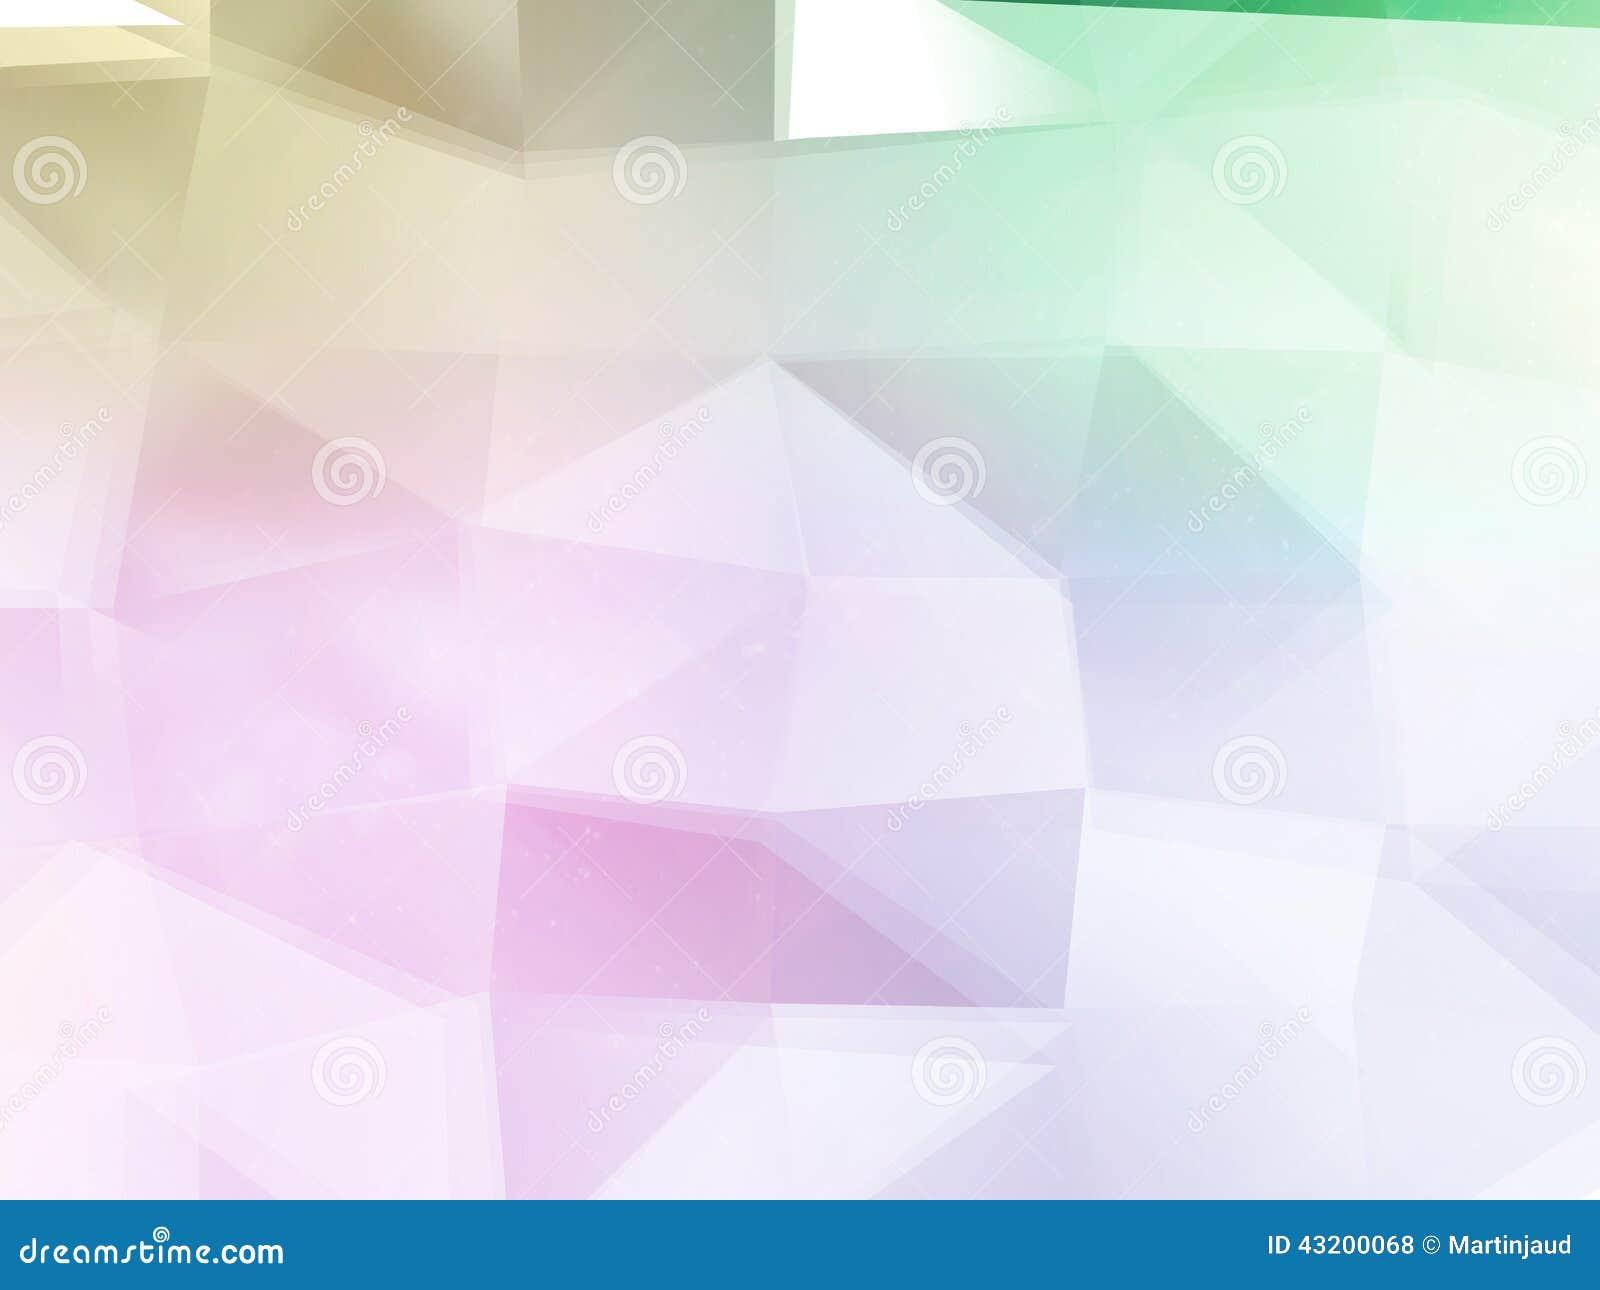 Download Abstrakt Bakgrundsmodelldesign Stock Illustrationer - Illustration av triangel, garnering: 43200068